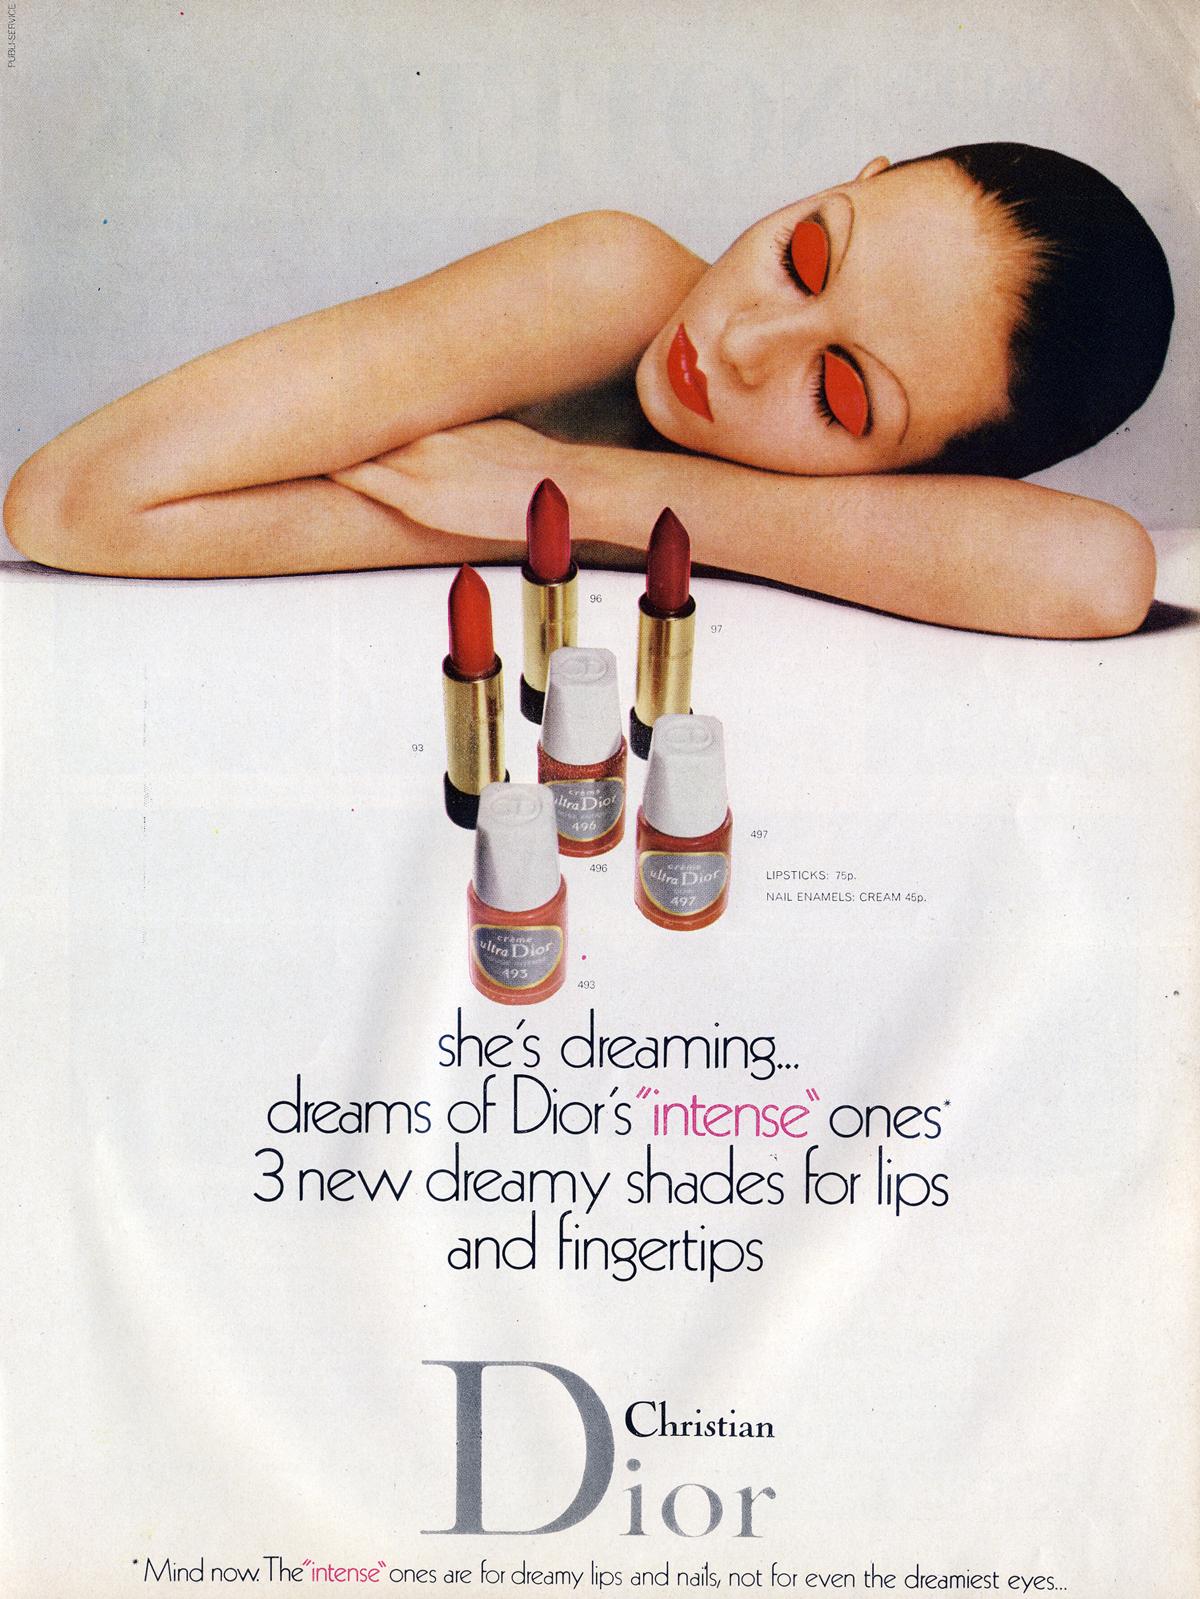 dior-advert-vogue-may-1971